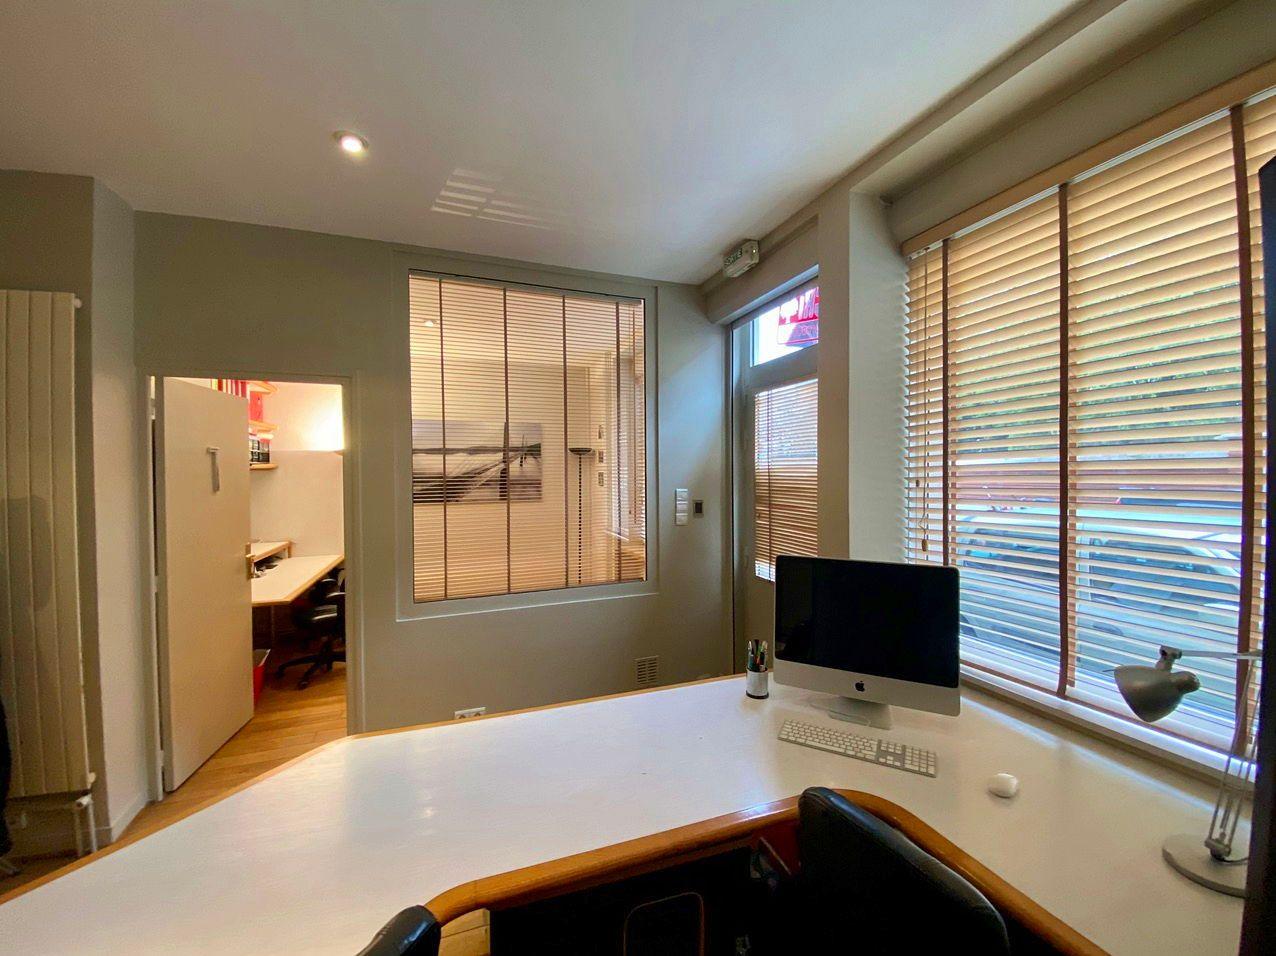 Loue deux bureaux meublés Asnieres (92600) - 2chambres, 28m²